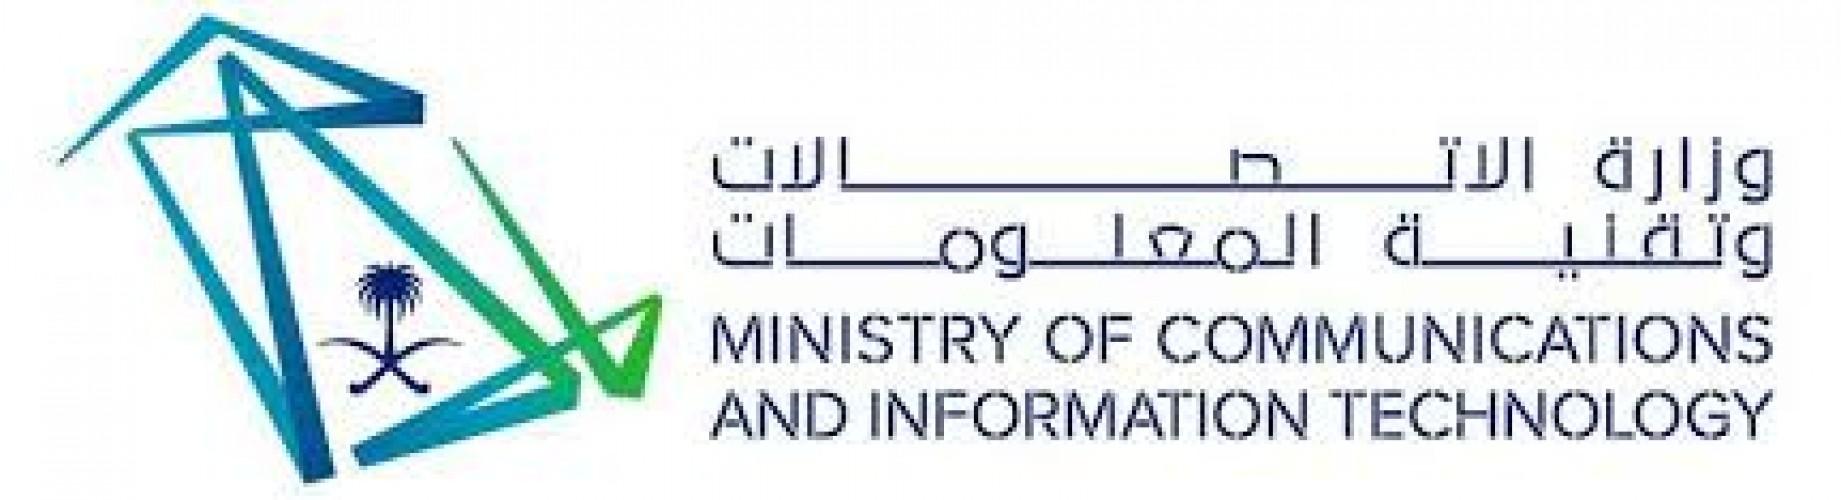 وزارة الاتصالات وتقنية المعلومات توفر وظائف بمجال التواصل الاجتماعي